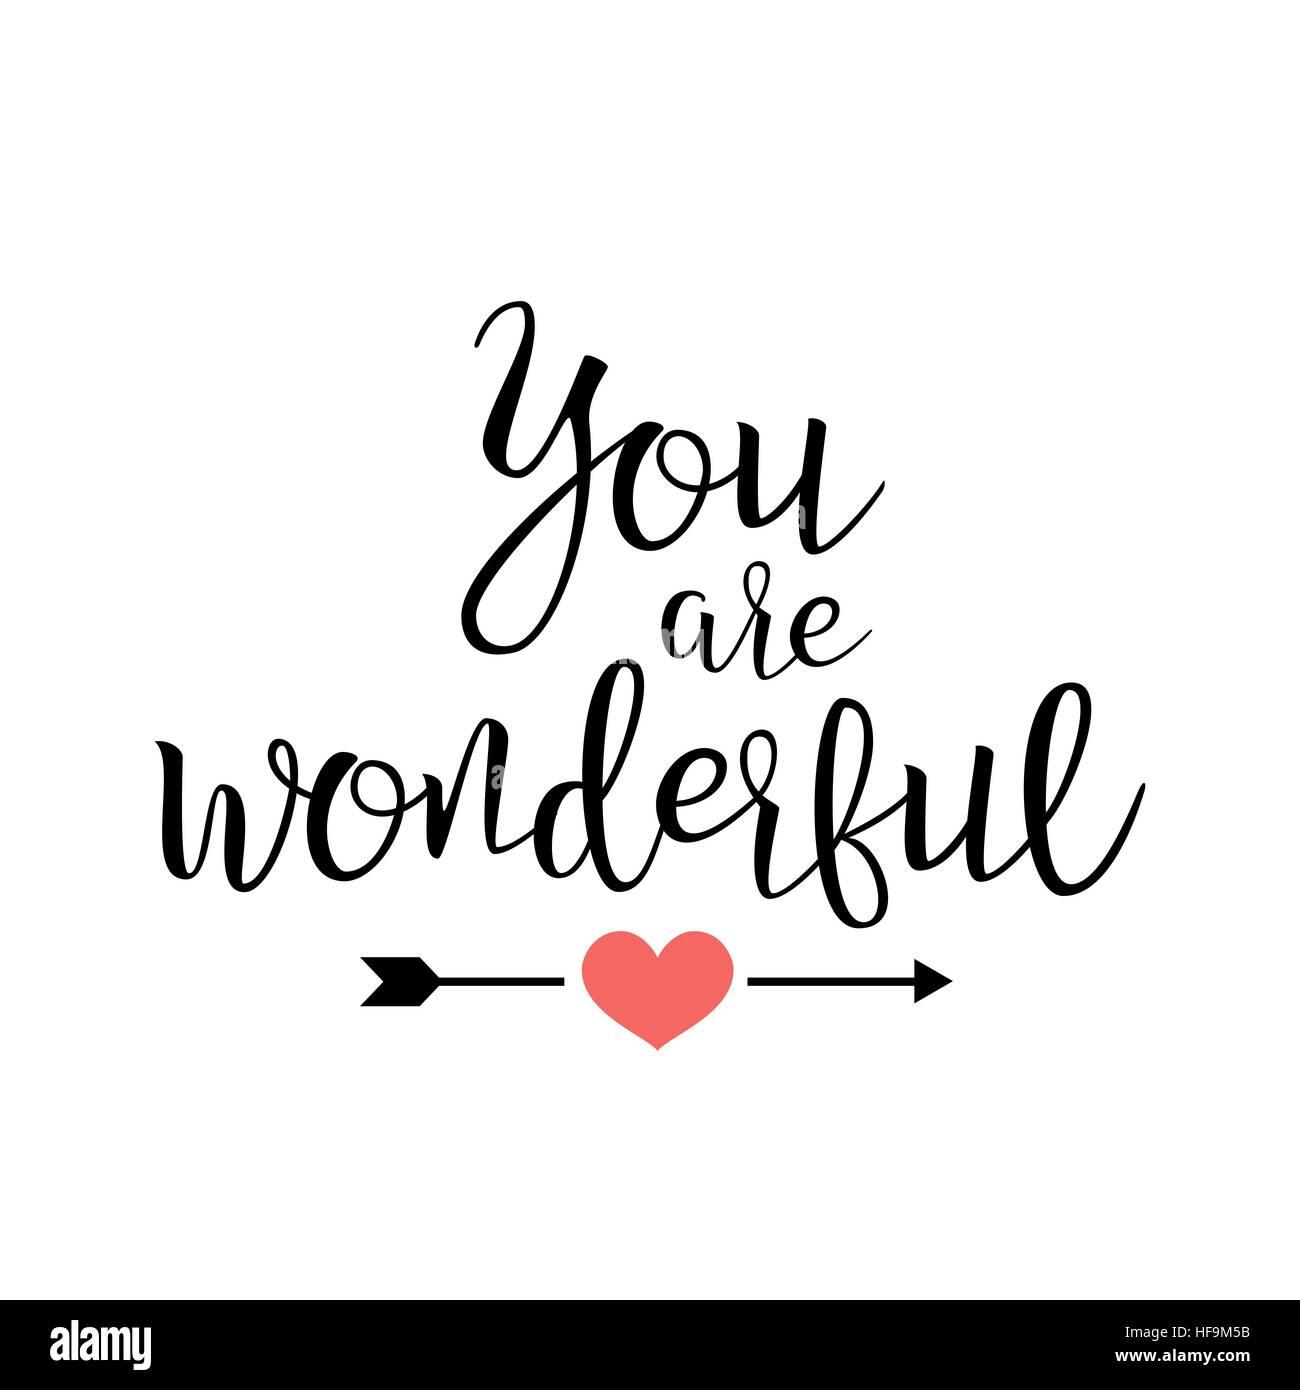 Du Bist Wunderbar Handschriftlich Schriftzug Zitat Uber Liebe Fur Valentine S Day Design Hochzeitseinladung Druckbare Wandkunst Poster